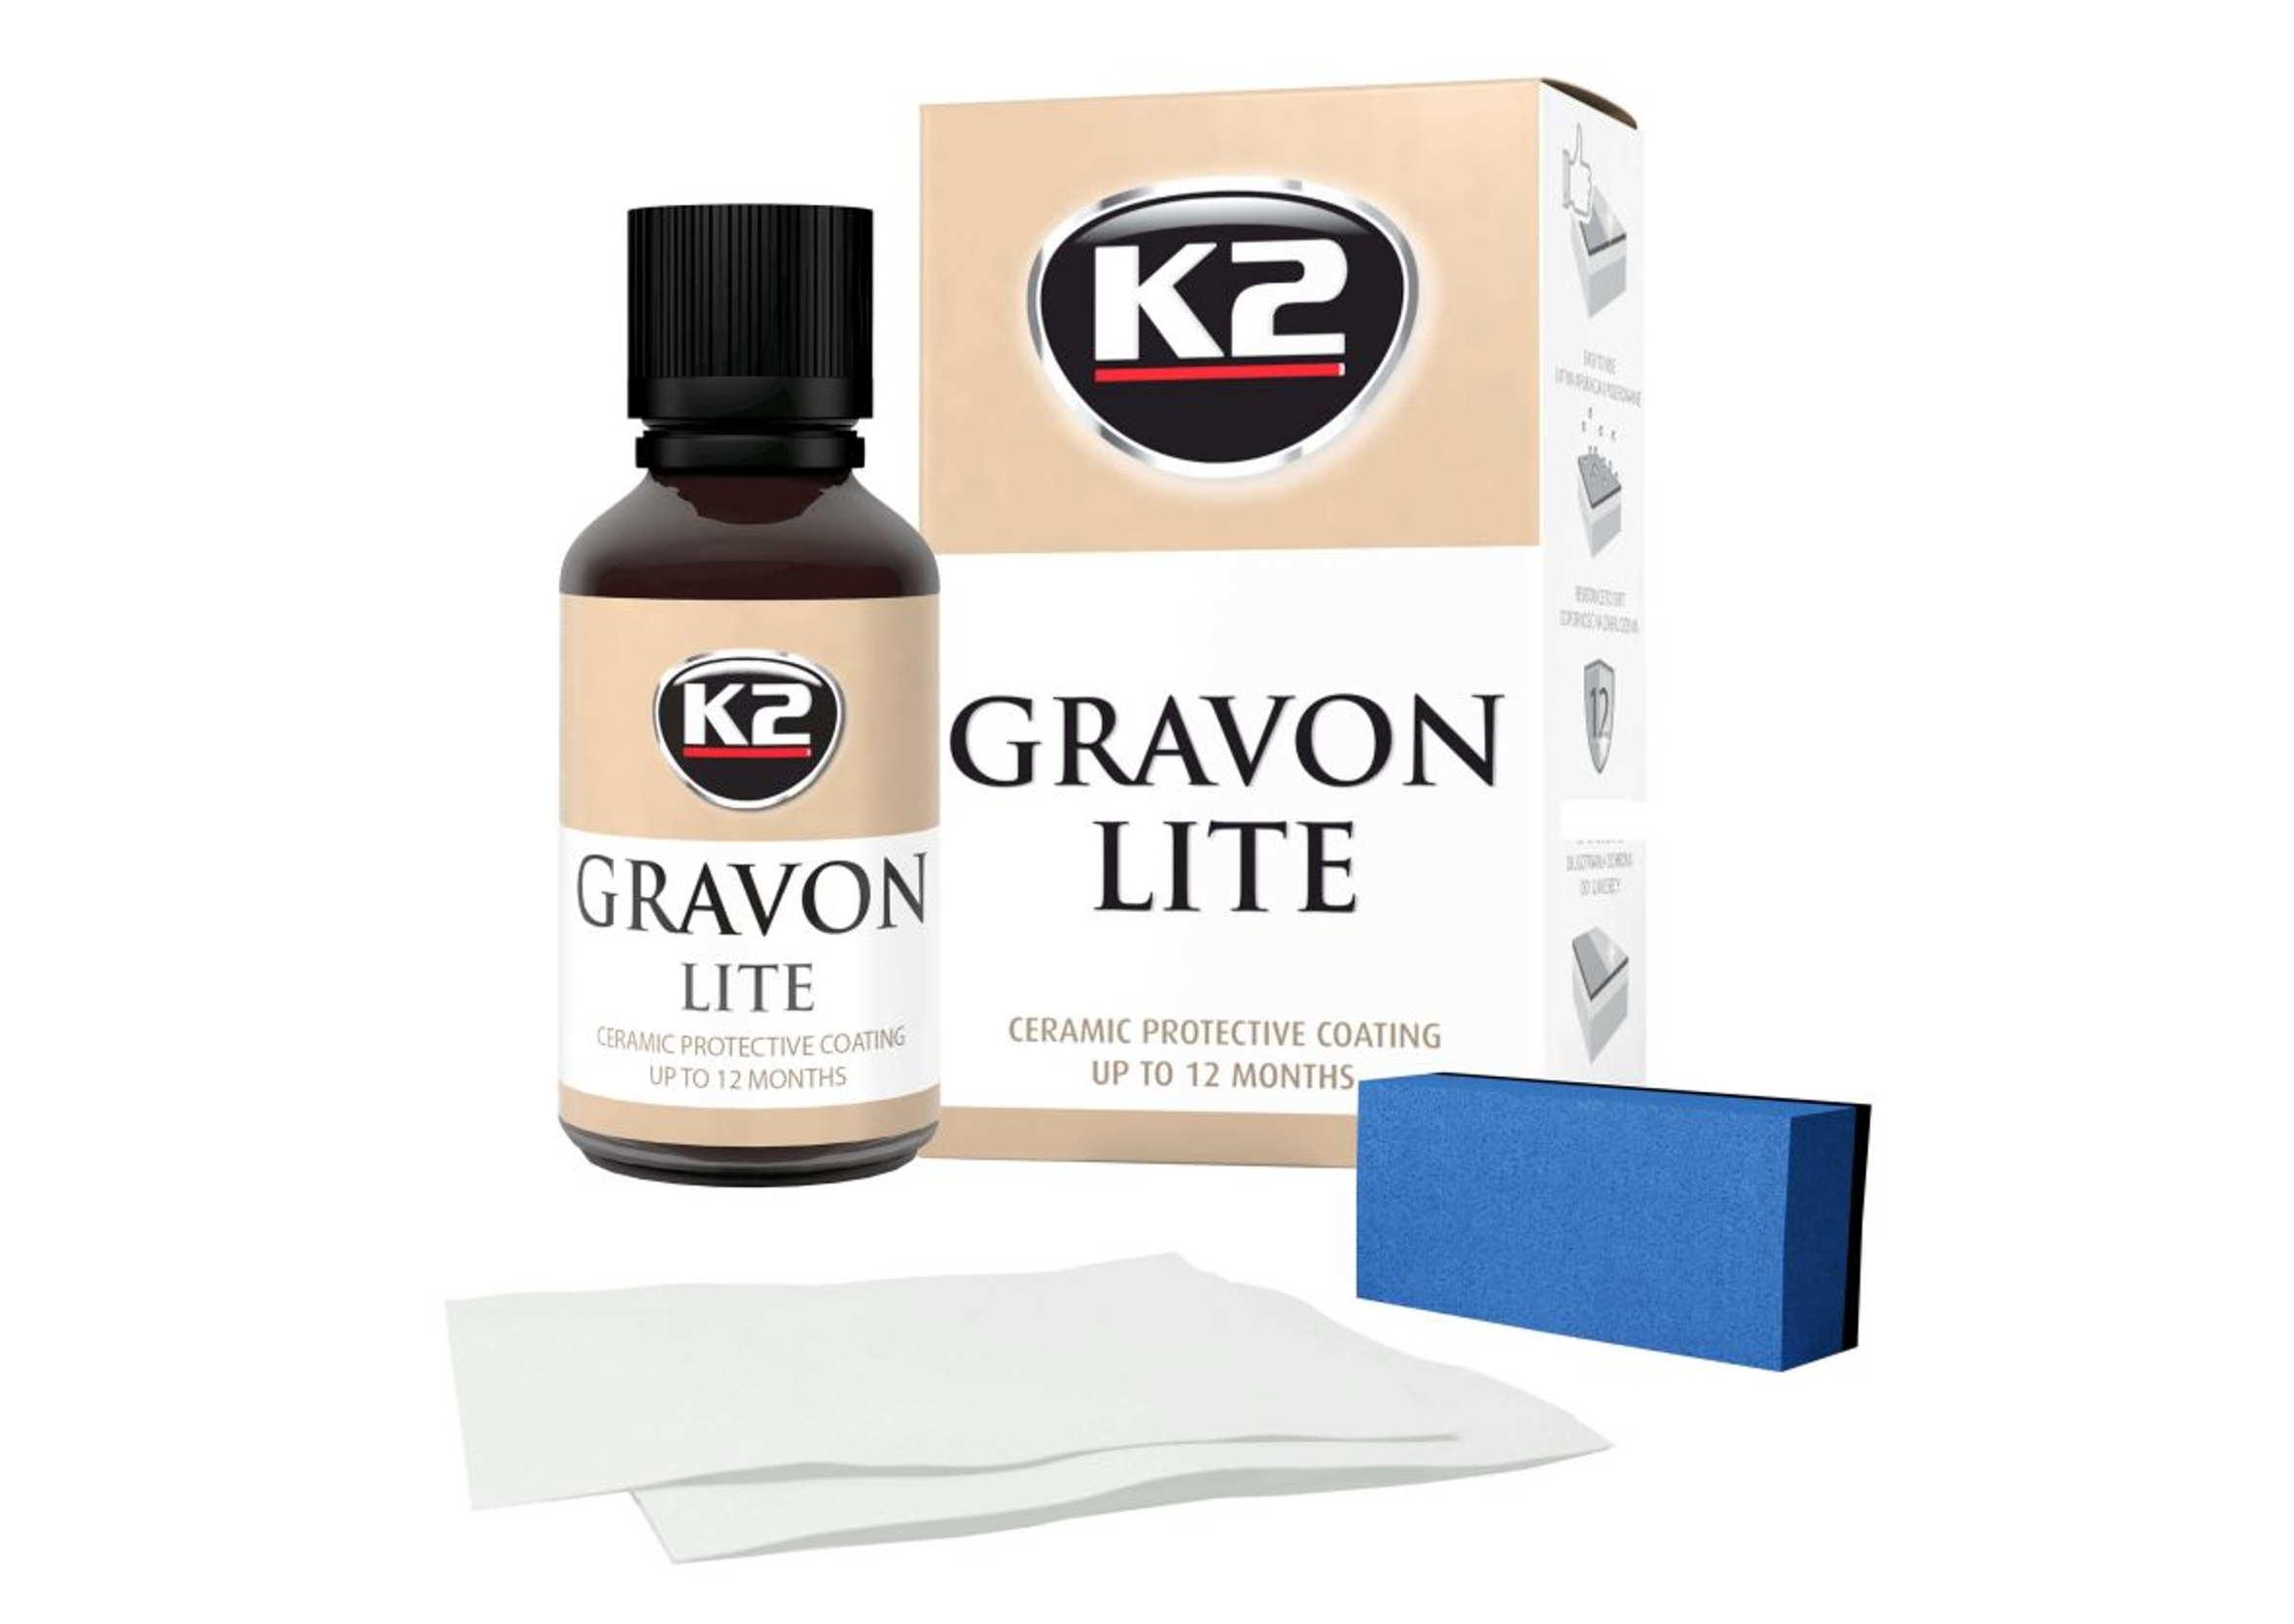 K2 Gravon Lite